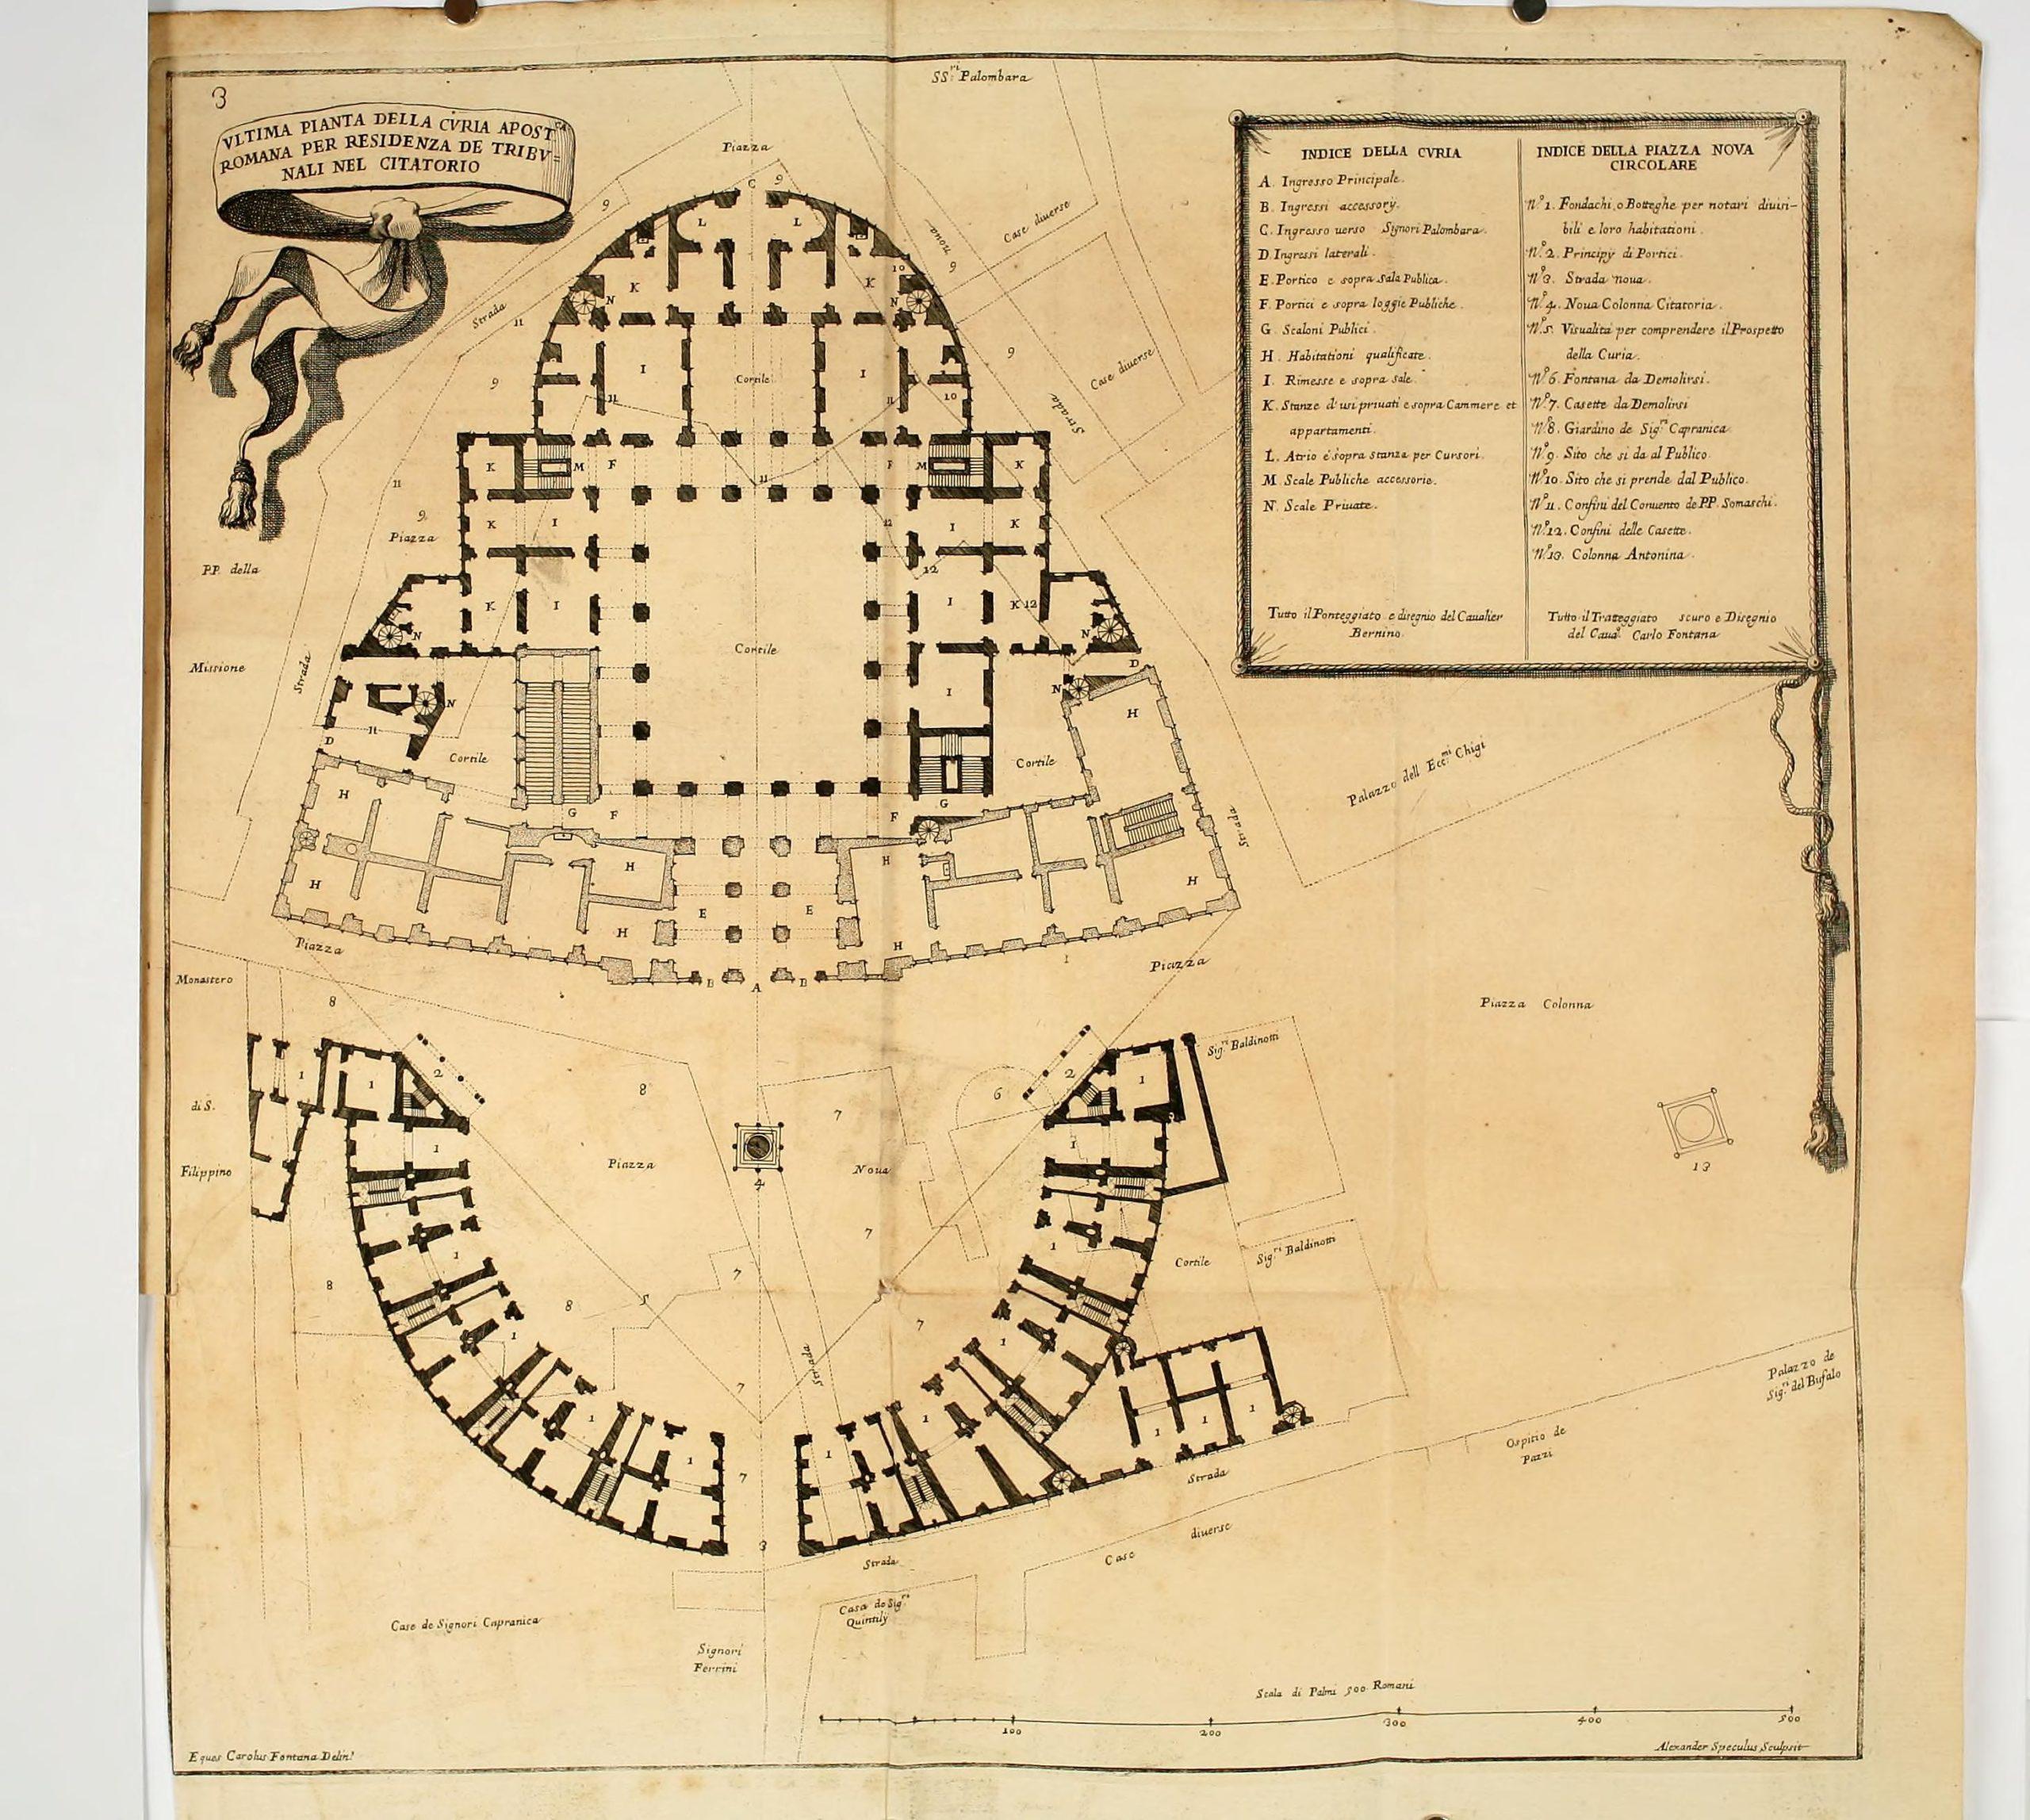 Fontana, Carlo, and Alessandro Specchi. Ultima Pianta della Curia Apost.ca Romana per Residenza de Tribunali nel Citatorio, 1694.